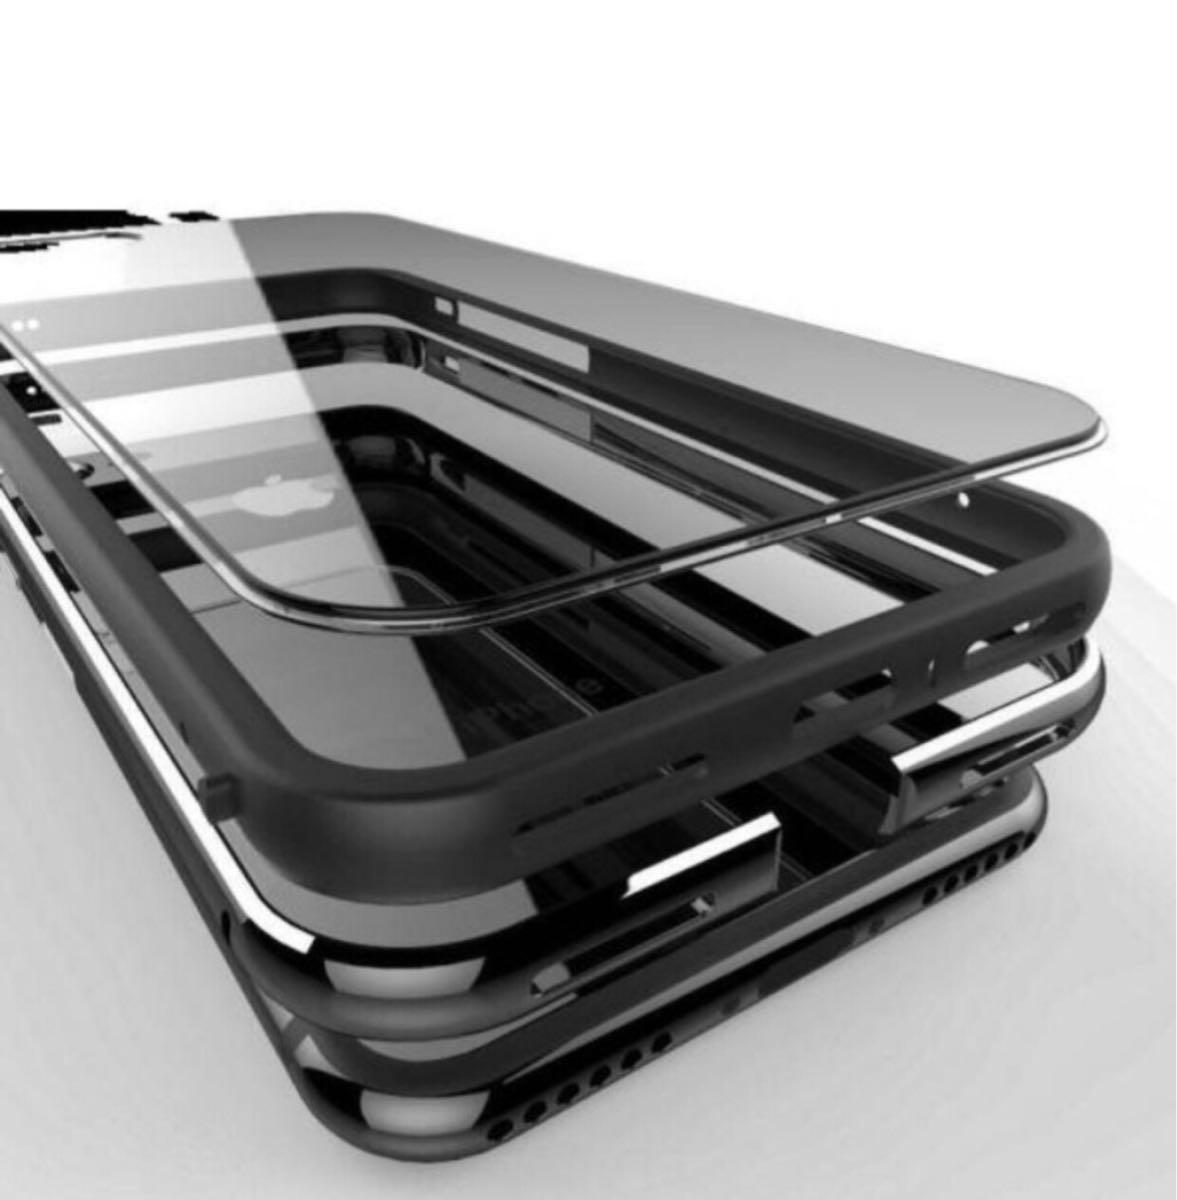 超人気 黒iPhoneX 7/7plus 8/8plus ケース 機種選択 人気1位 オススメ こだわり素材アルミ合金 シリコン 二重保護 超安心ケース_画像1